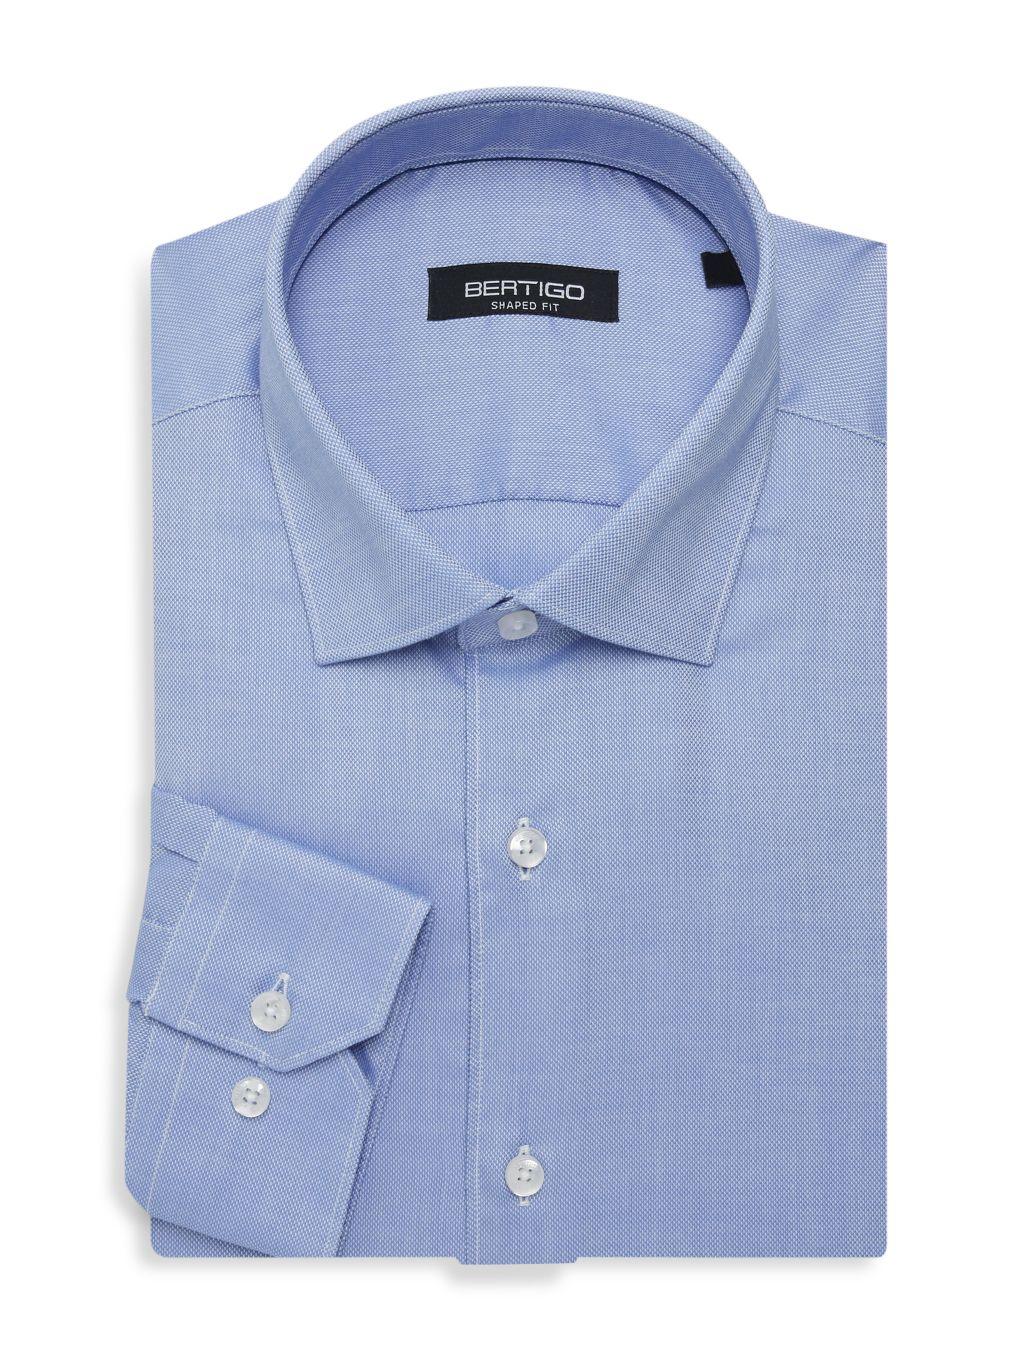 Bertigo Shaped-Fit Oxford Dress Shirt